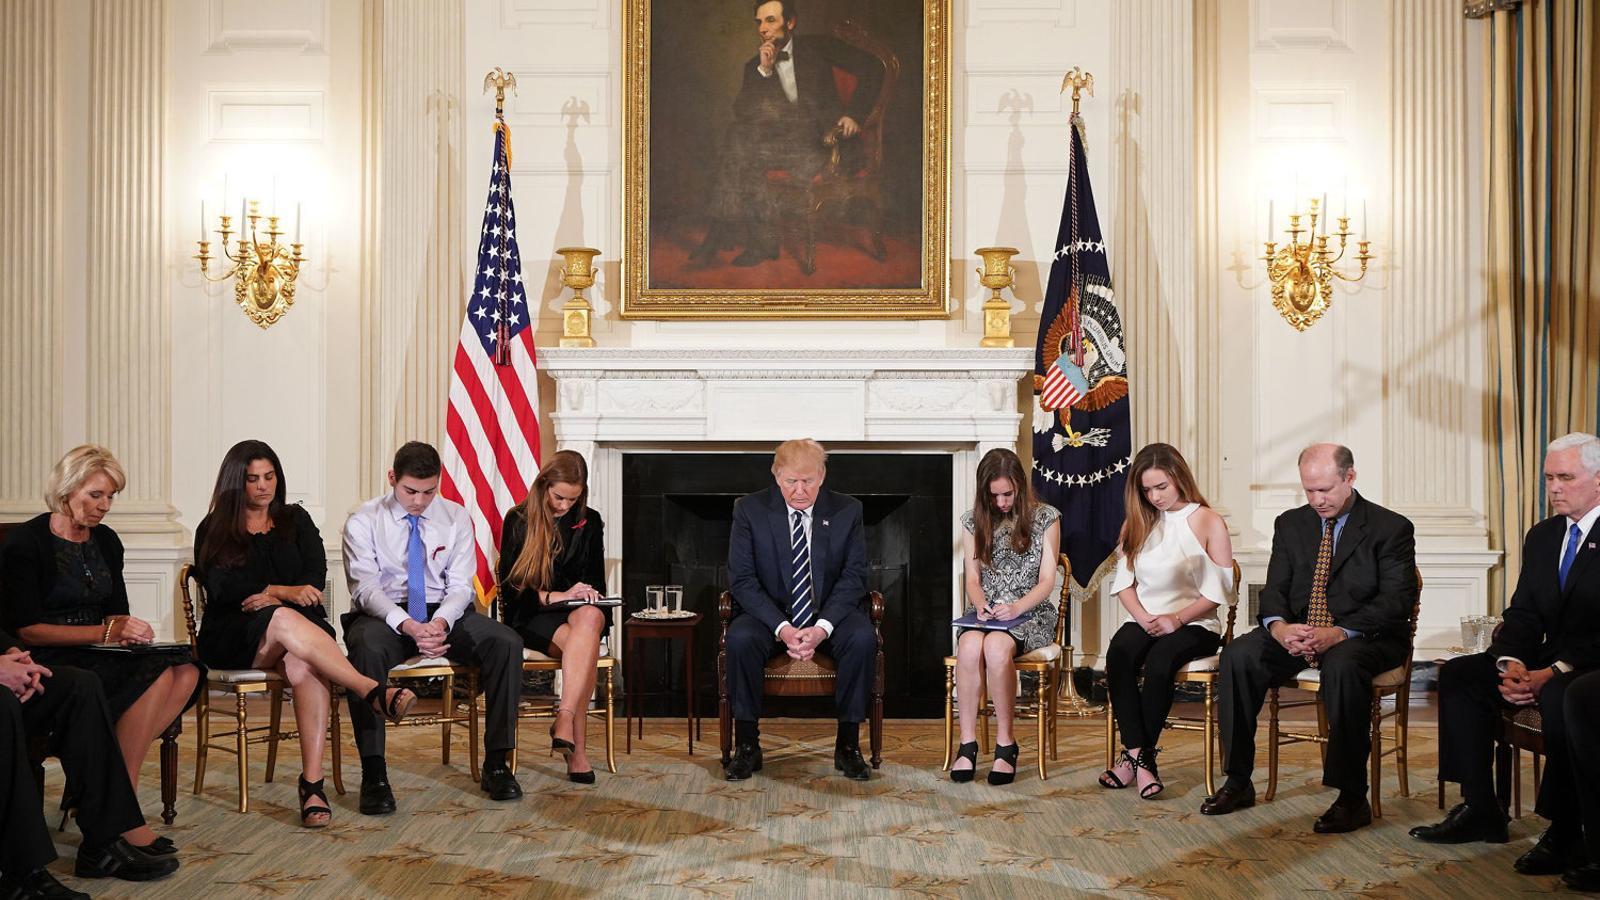 El president Donald Trump resant durant la reunió en què van participar sis alumnes de l'institut de Florida.